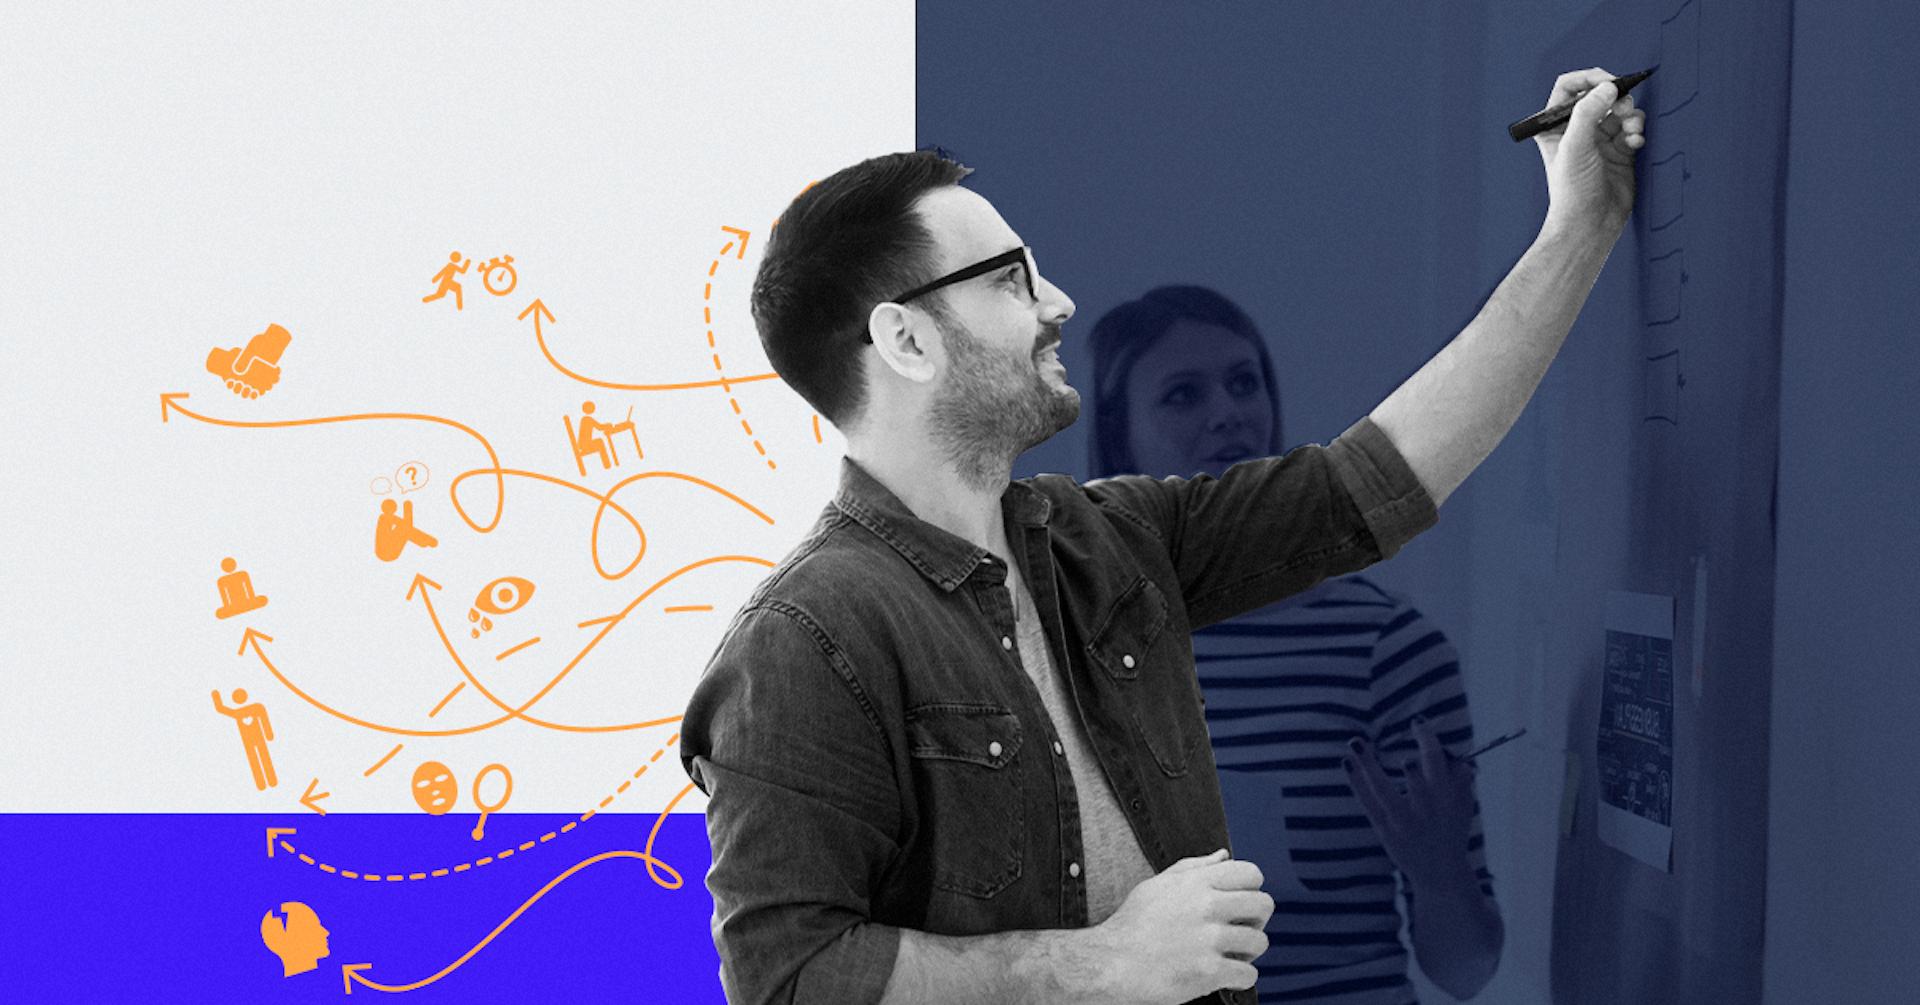 Crie um plano de treinamento em poucos passos com o nosso Skill Map